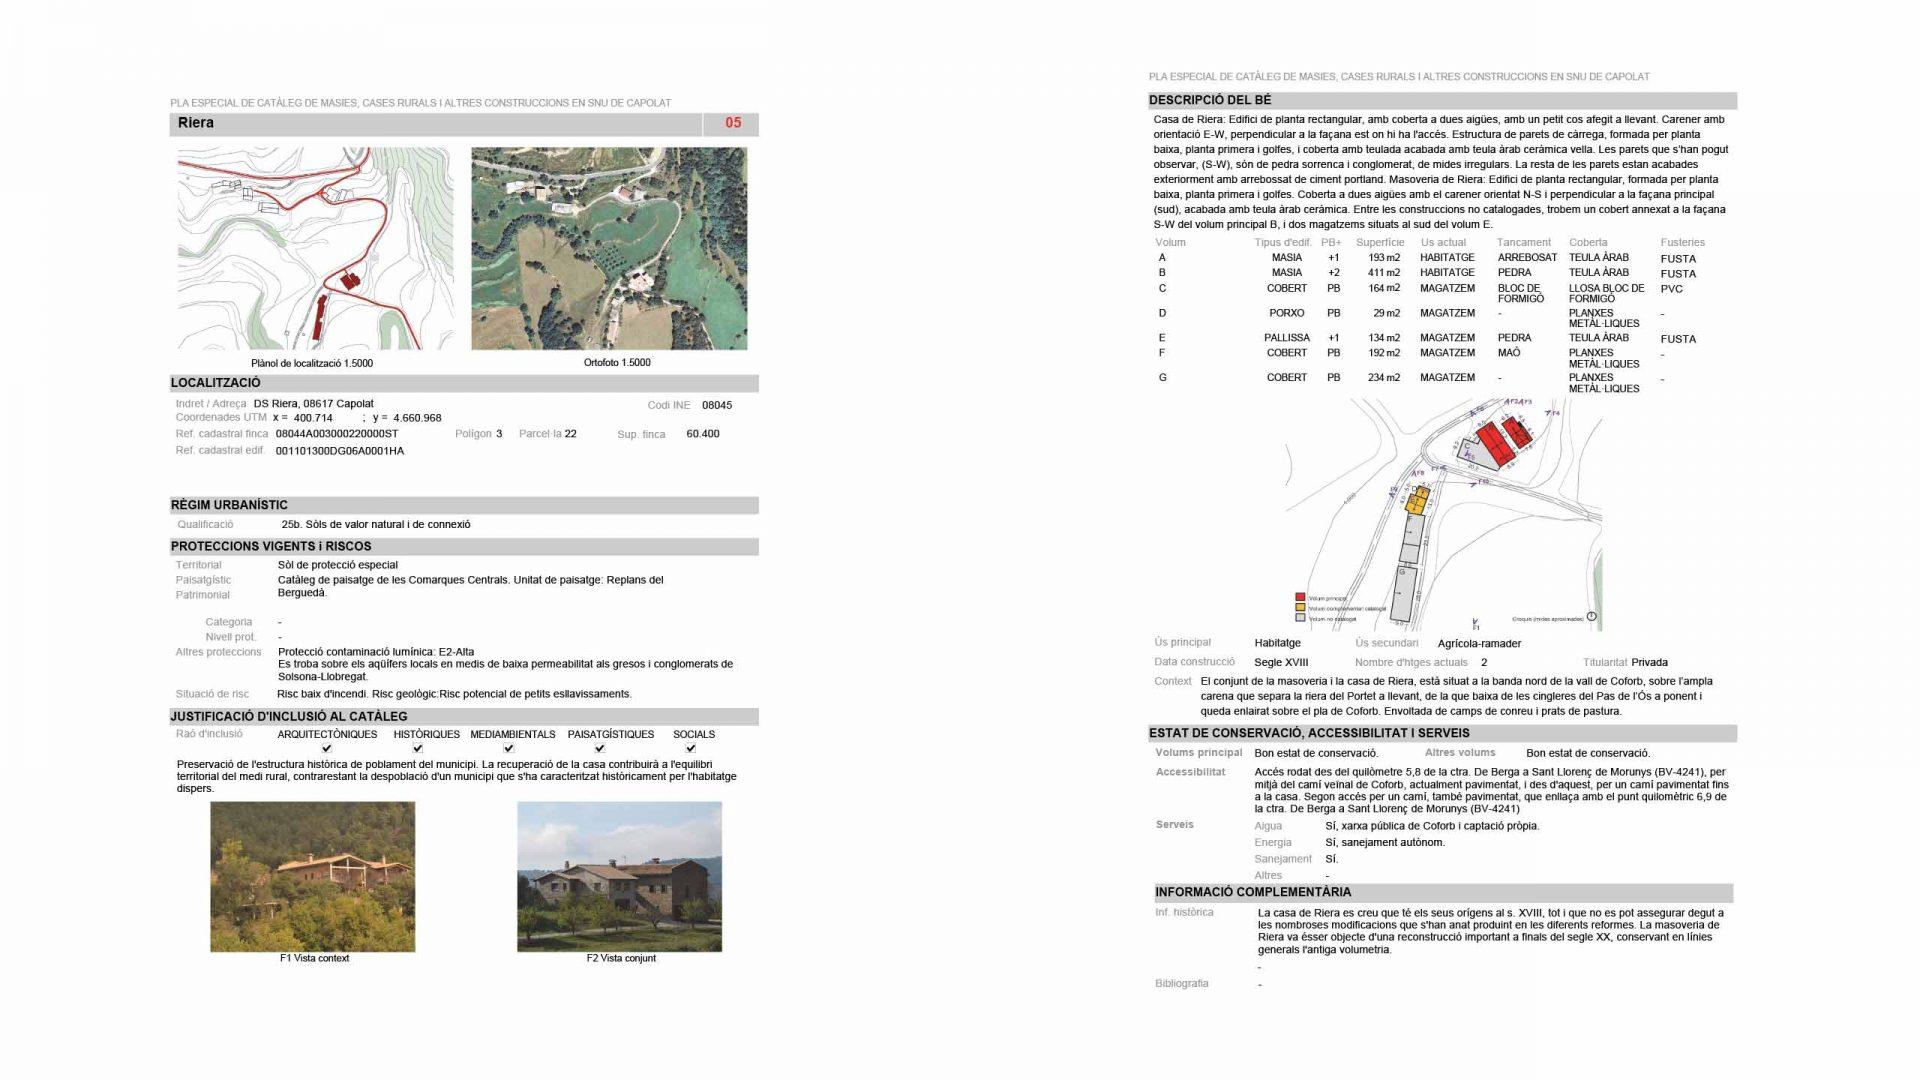 pàgines extretes del annex de les fitxes del catàleg